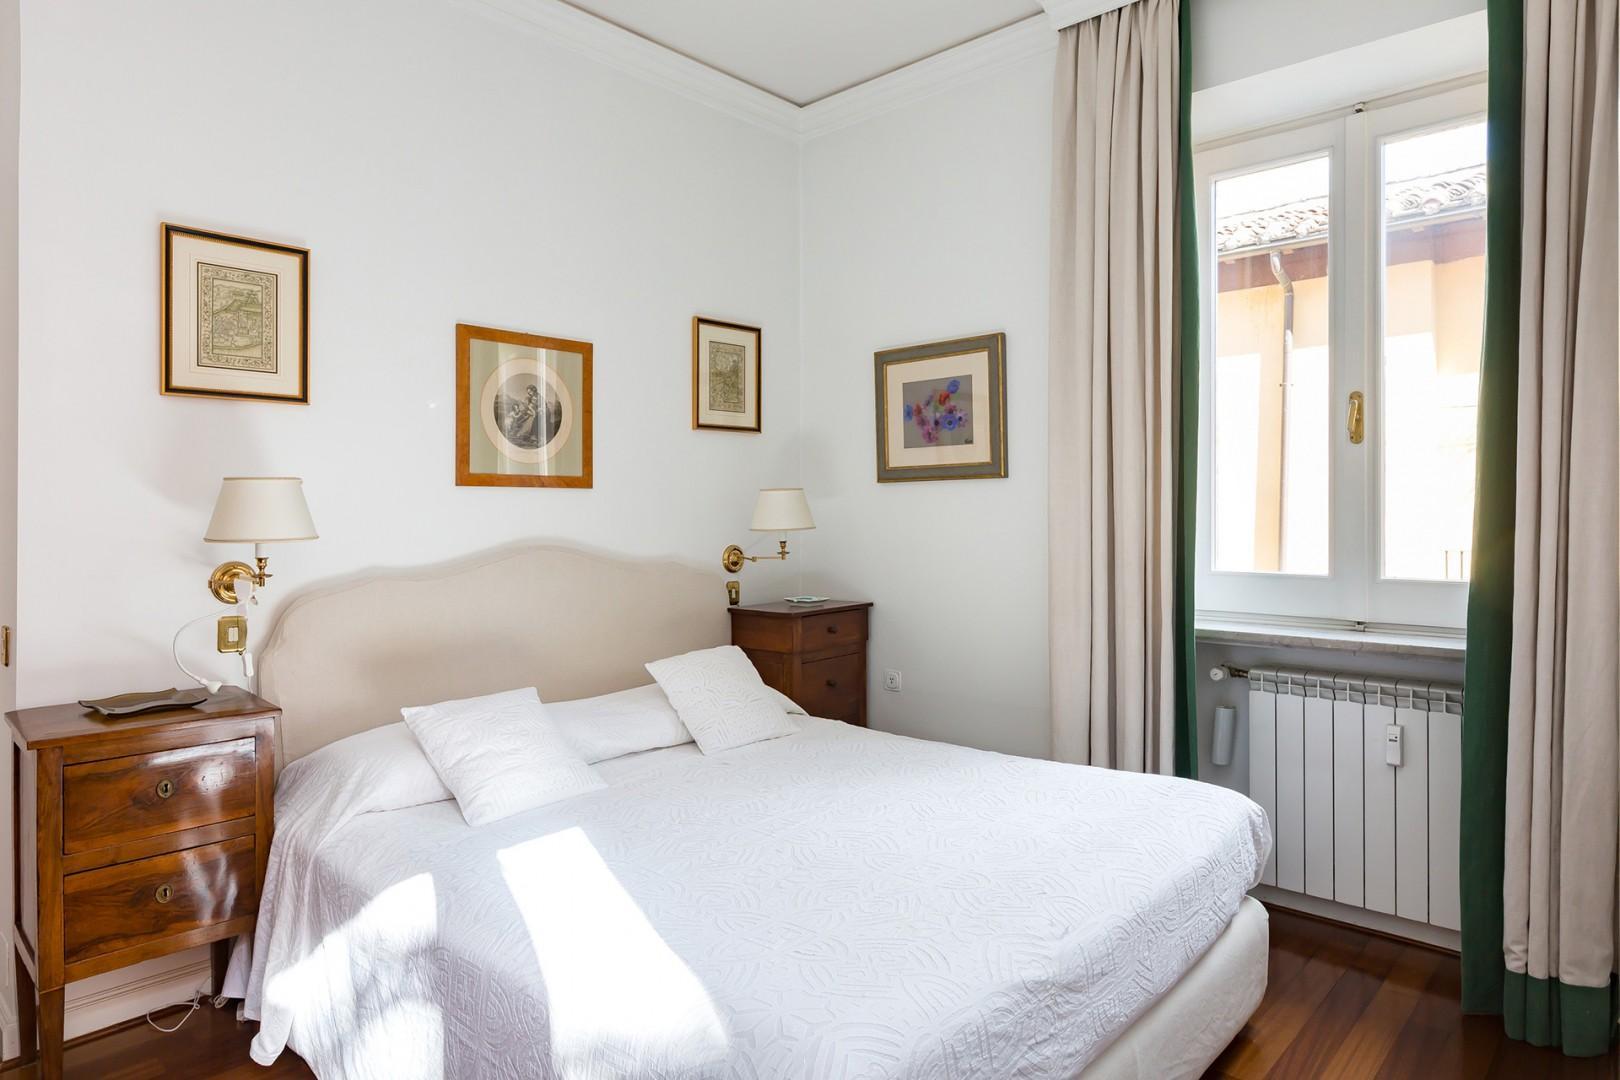 Bedroom 1 with beautiful antique nightstands.